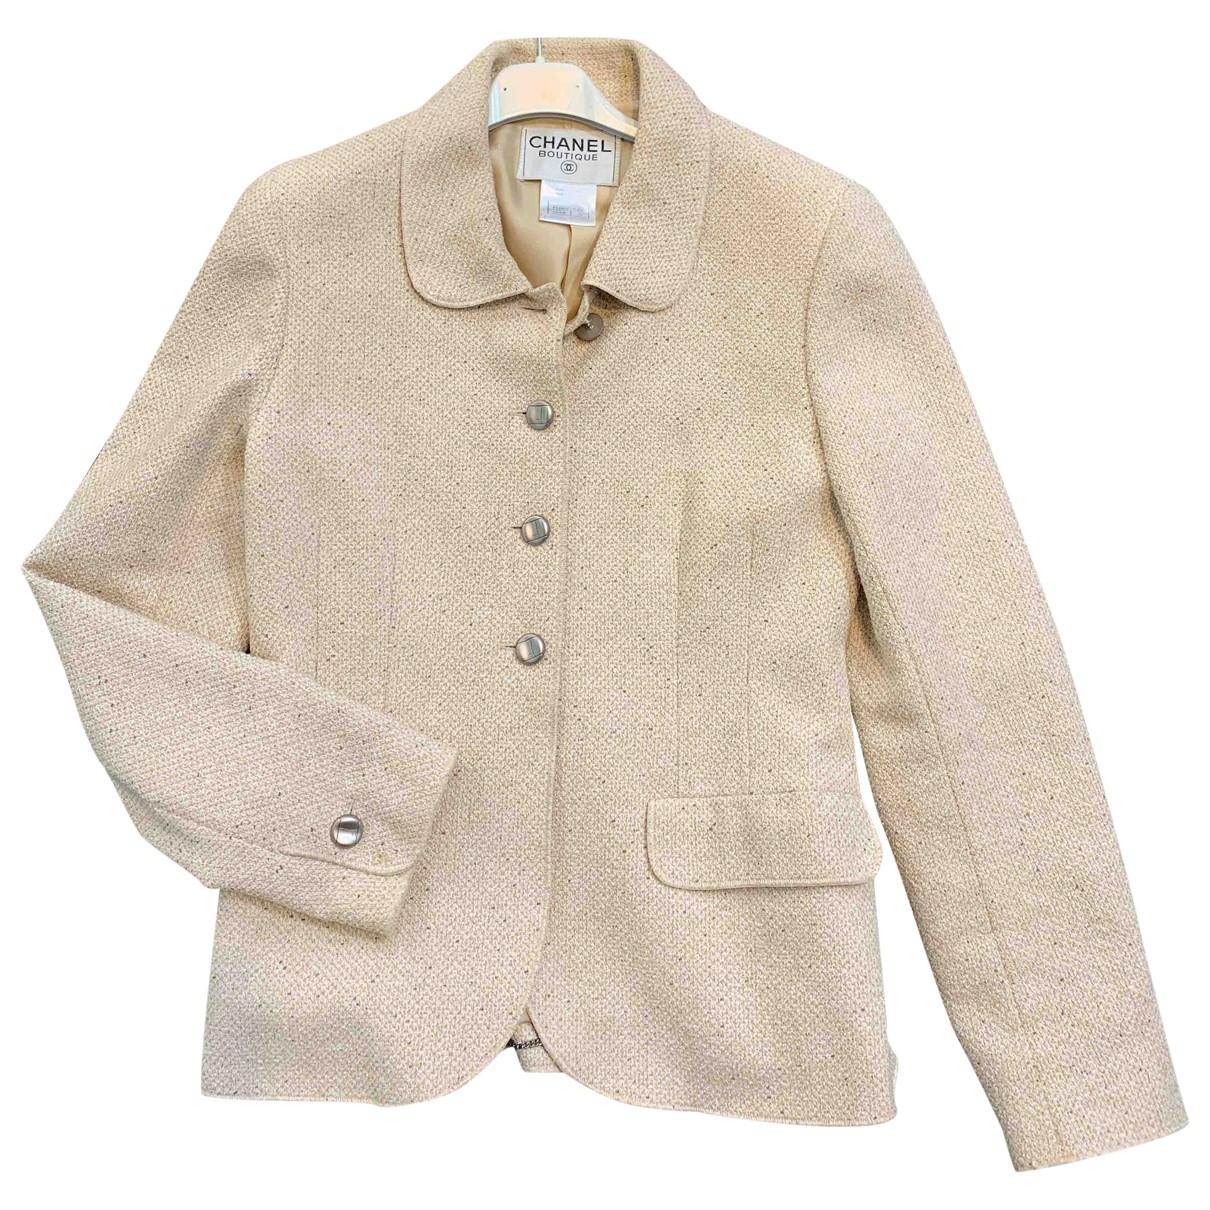 Chanel \N Beige Wool jacket for Women 38 FR